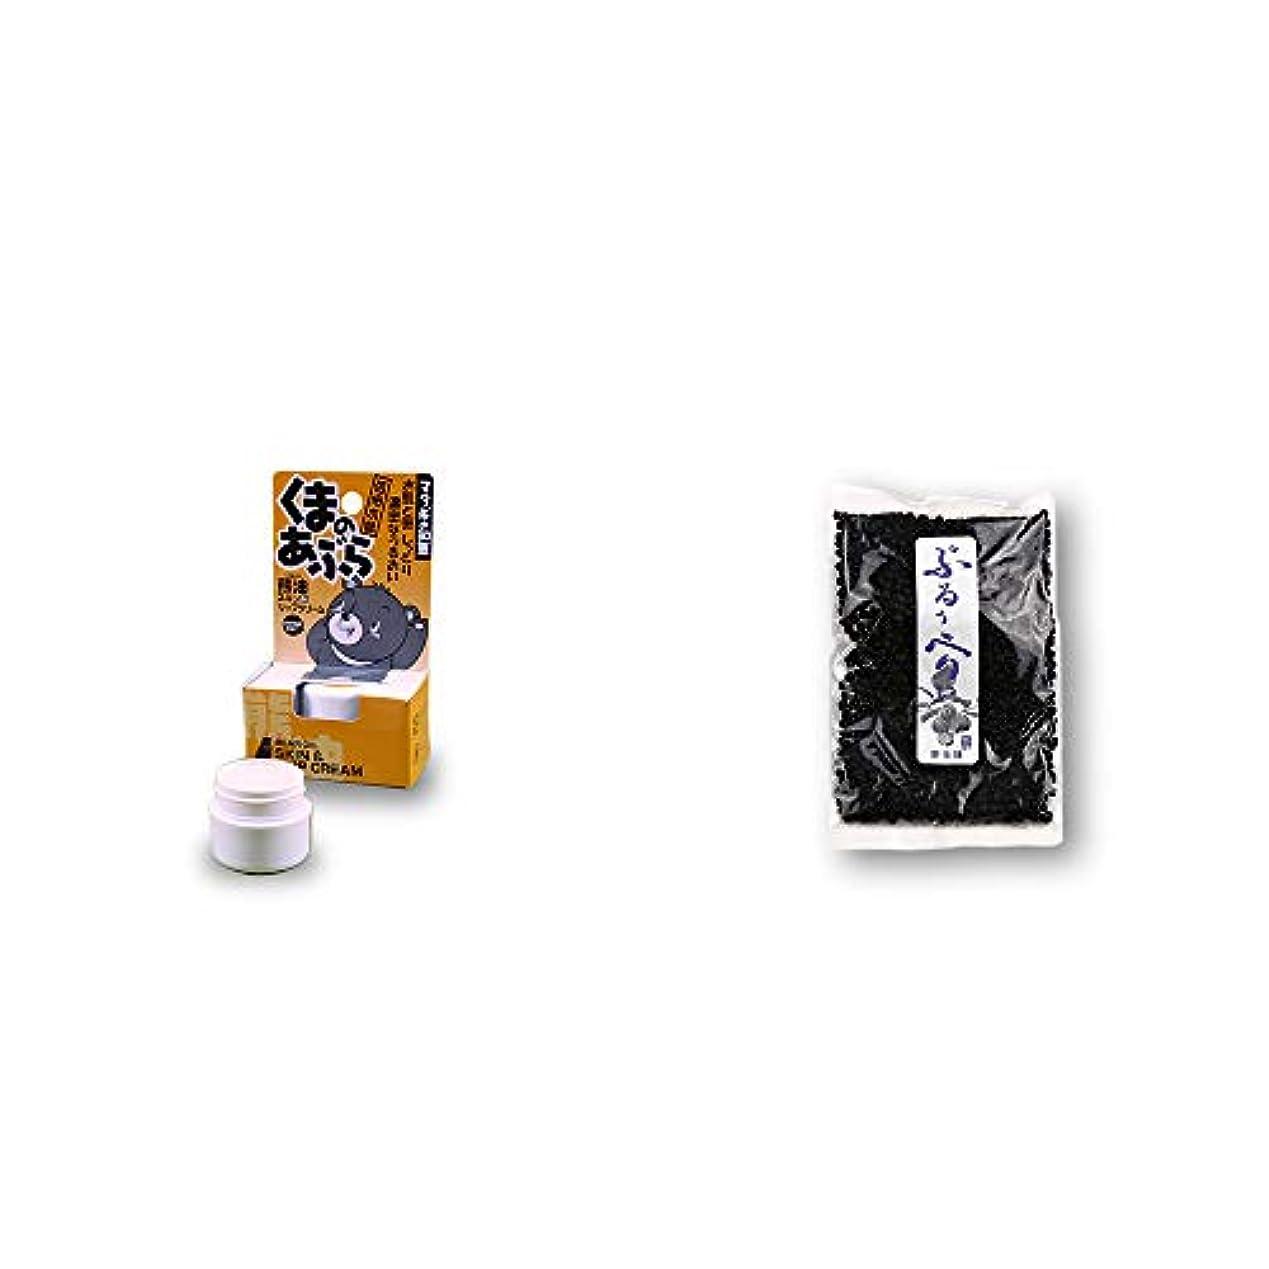 持続的提供する風味[2点セット] 信州木曽 くまのあぶら 熊油スキン&リップクリーム(9g)?野生種ぶるぅべりぃ(260g)